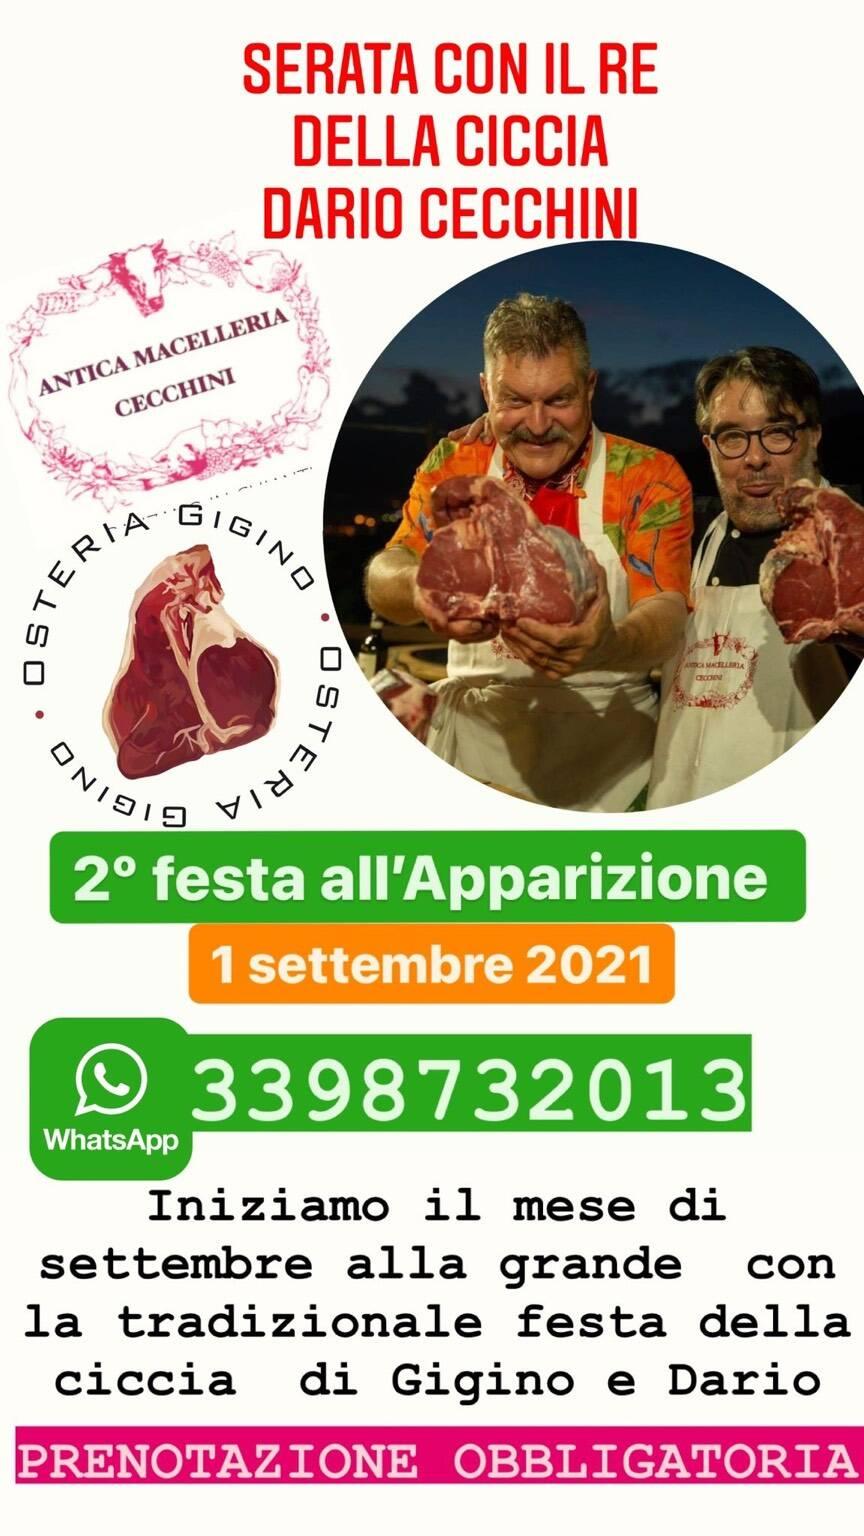 Genova Festa della Ciccia 2021 Apparizione